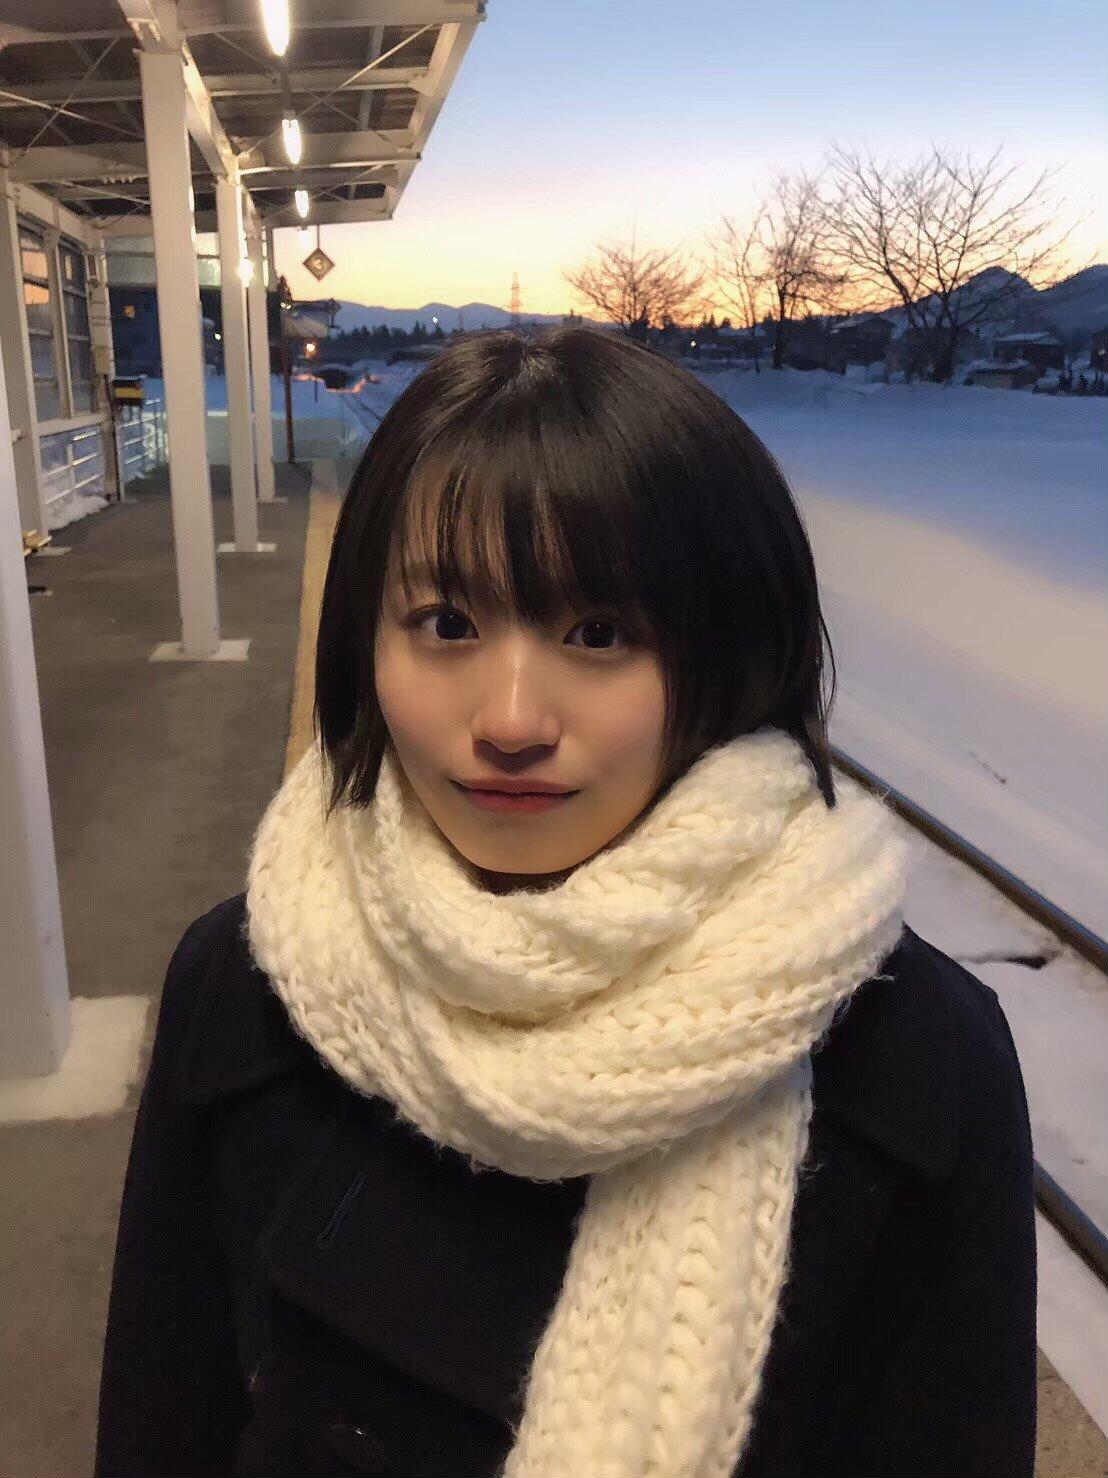 Asakura%20Kiki-897441.jpg